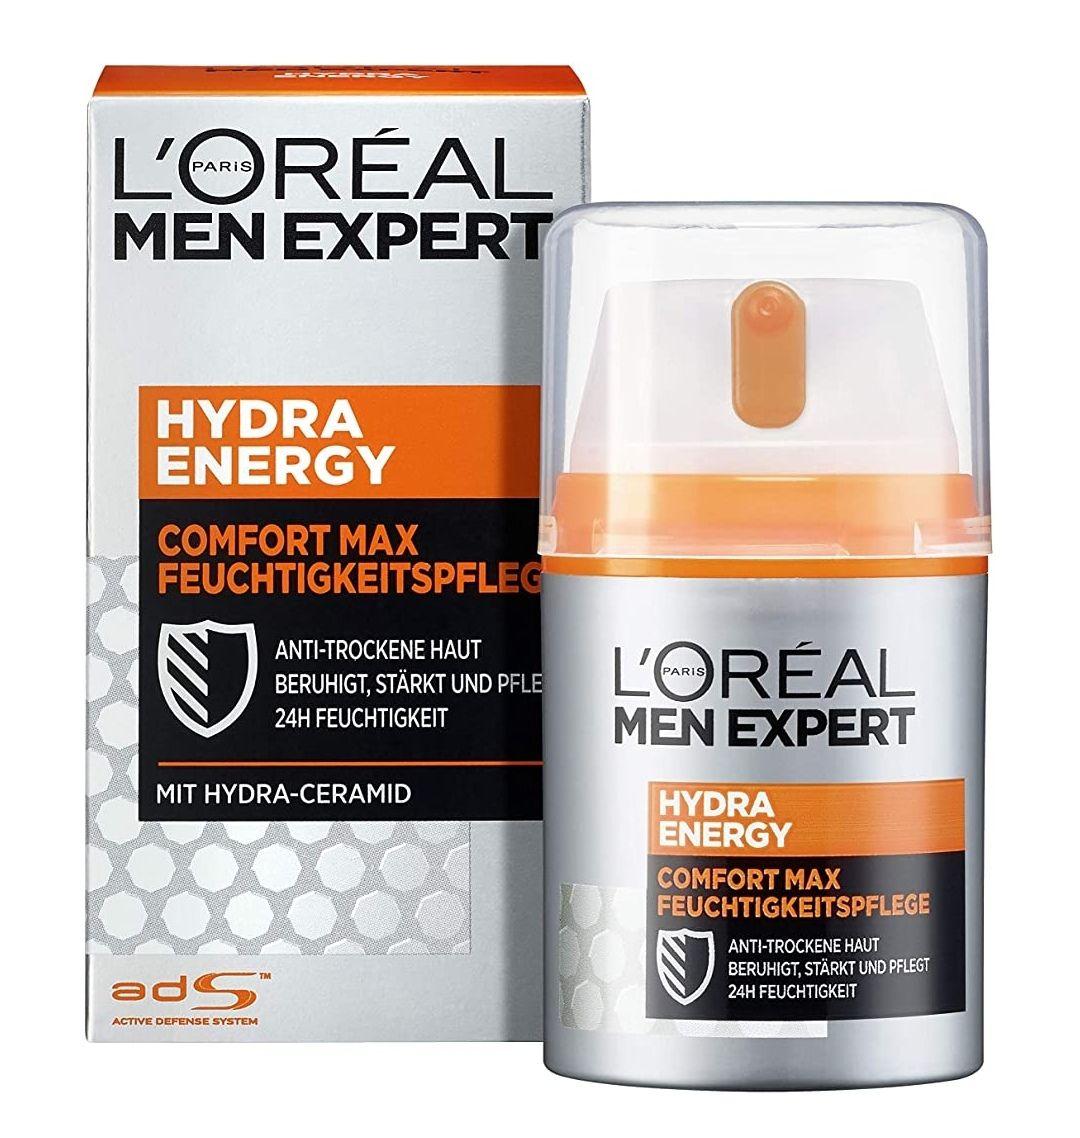 L'Oréal Men Expert Gesichtscremes 50ml